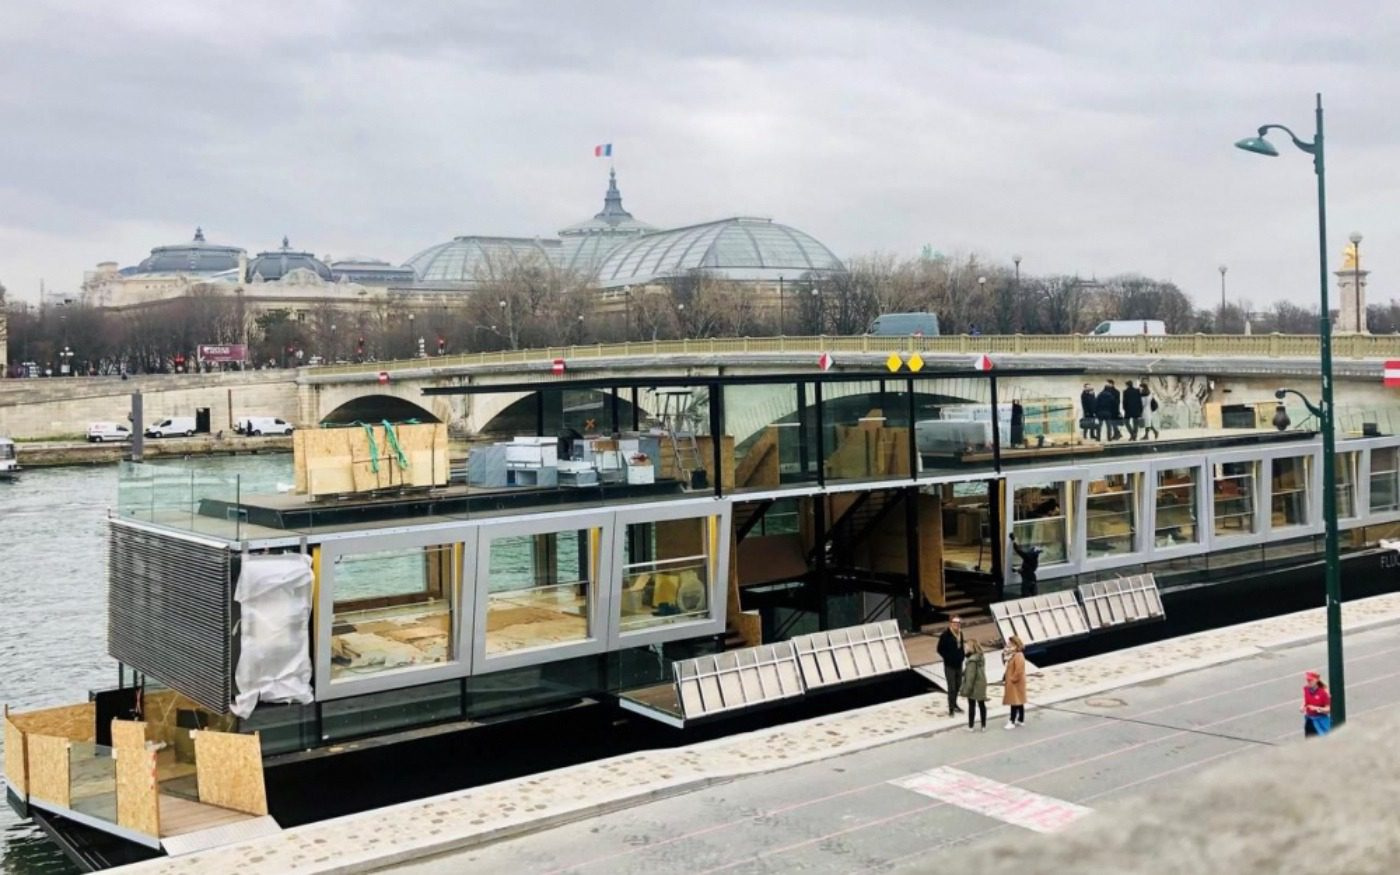 arte: la prima galleria d'arte sull'acqua a parigi. galleria d'arte sull'acqua